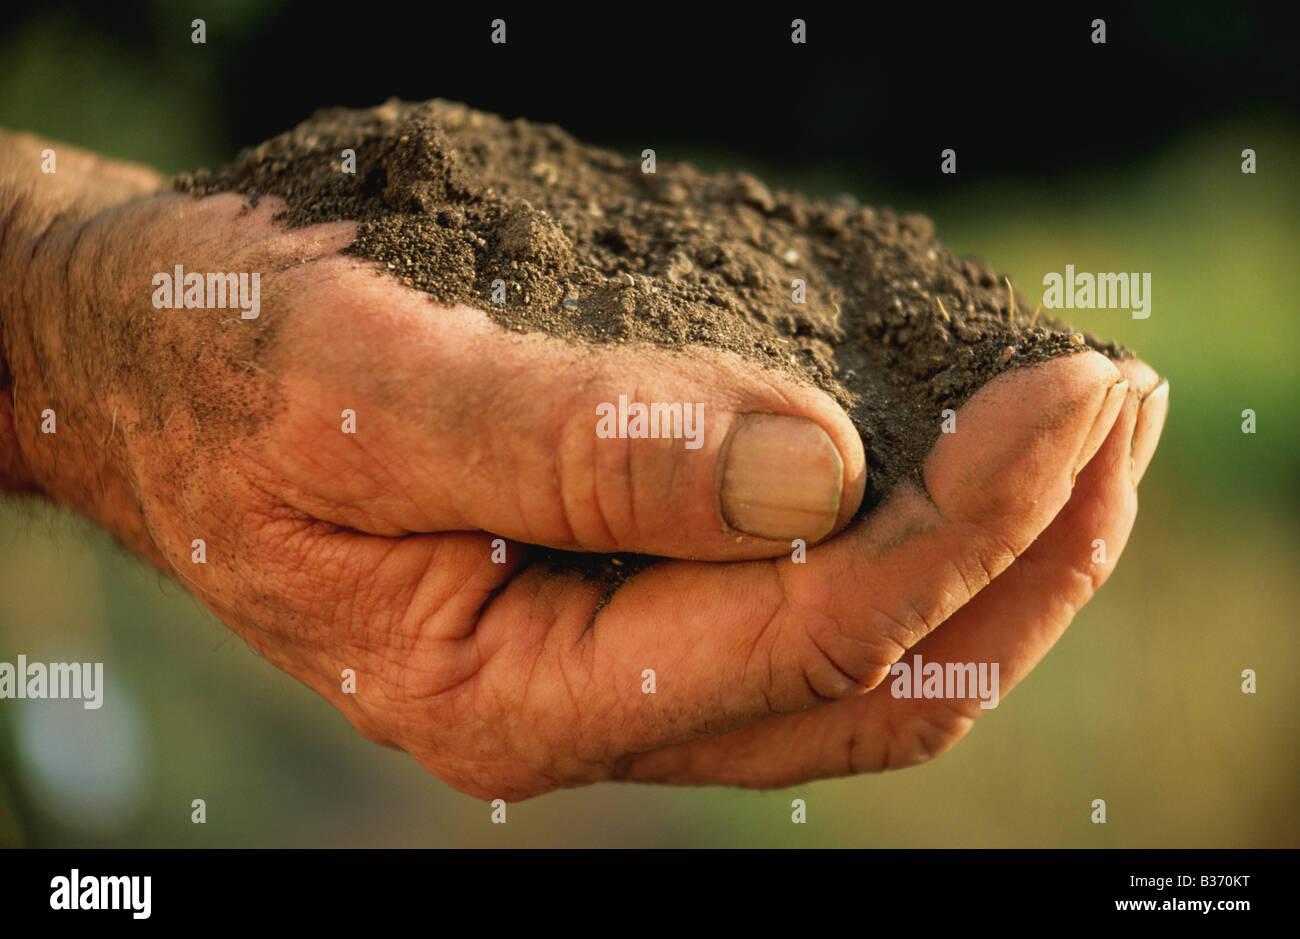 Soil, earth in a gardener's hand - Stock Image